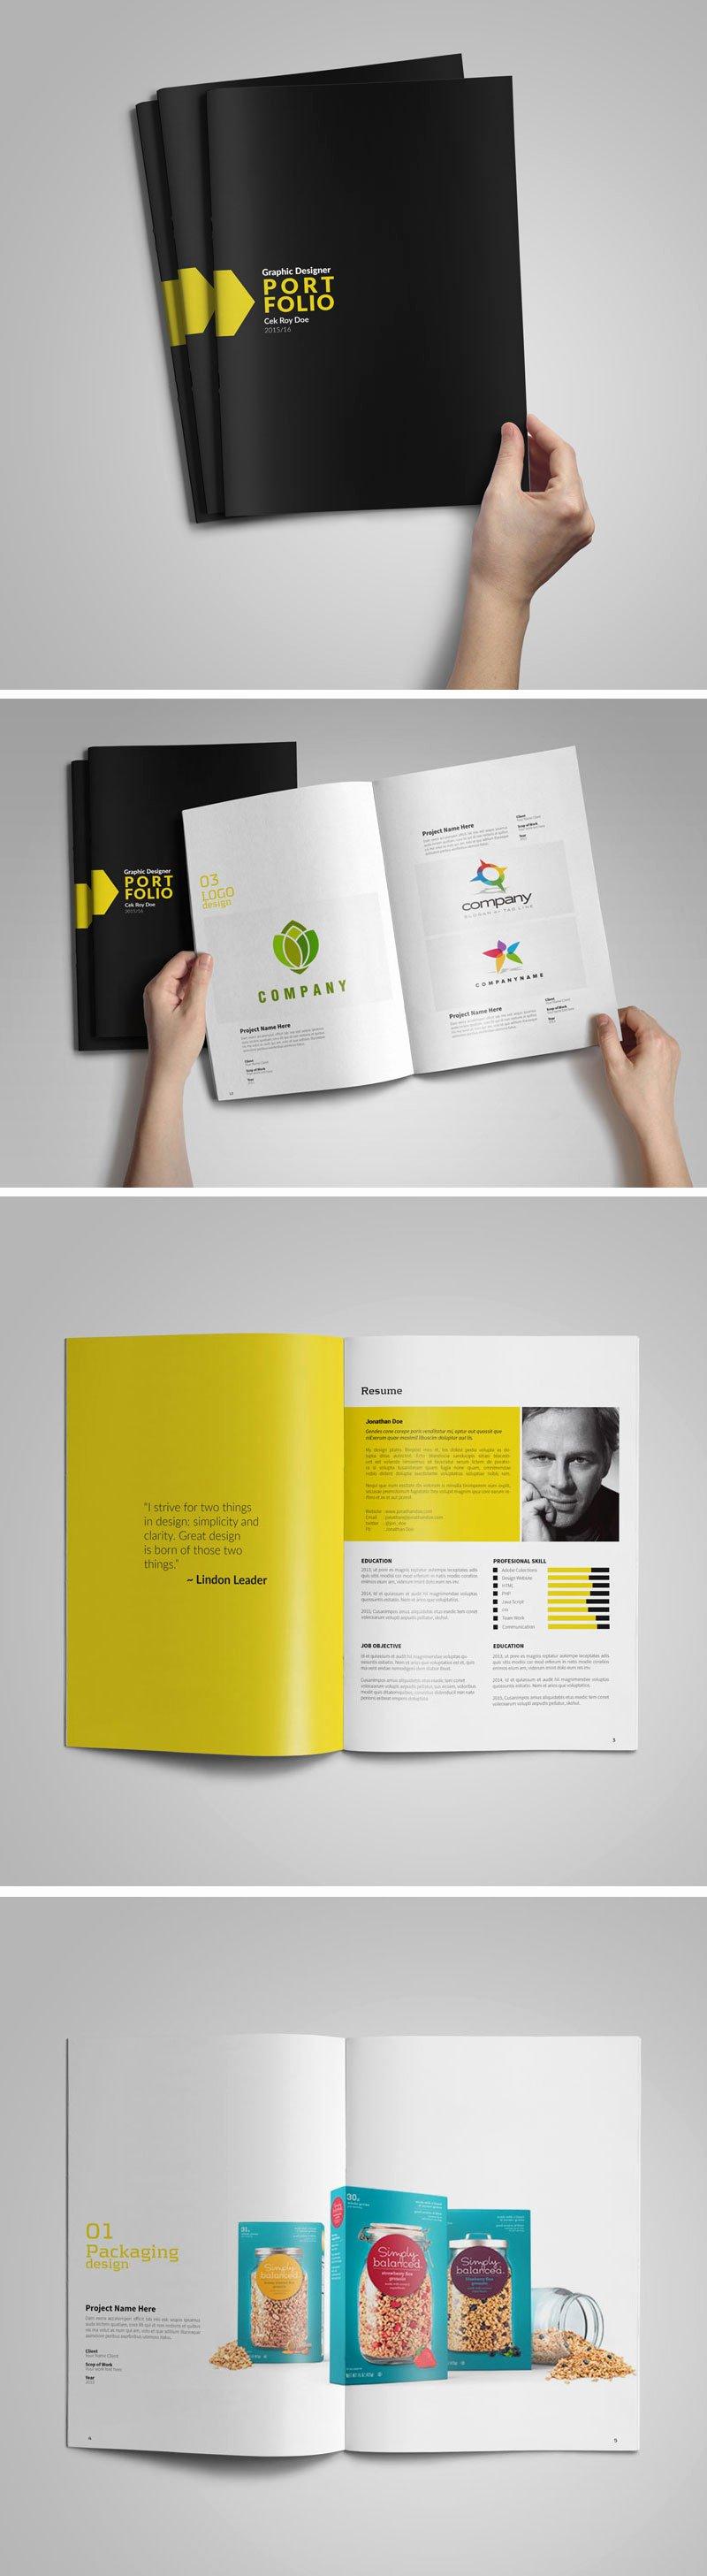 Graphic Design Portfolio Template Unique Free Graphic Designer Portfolio Template